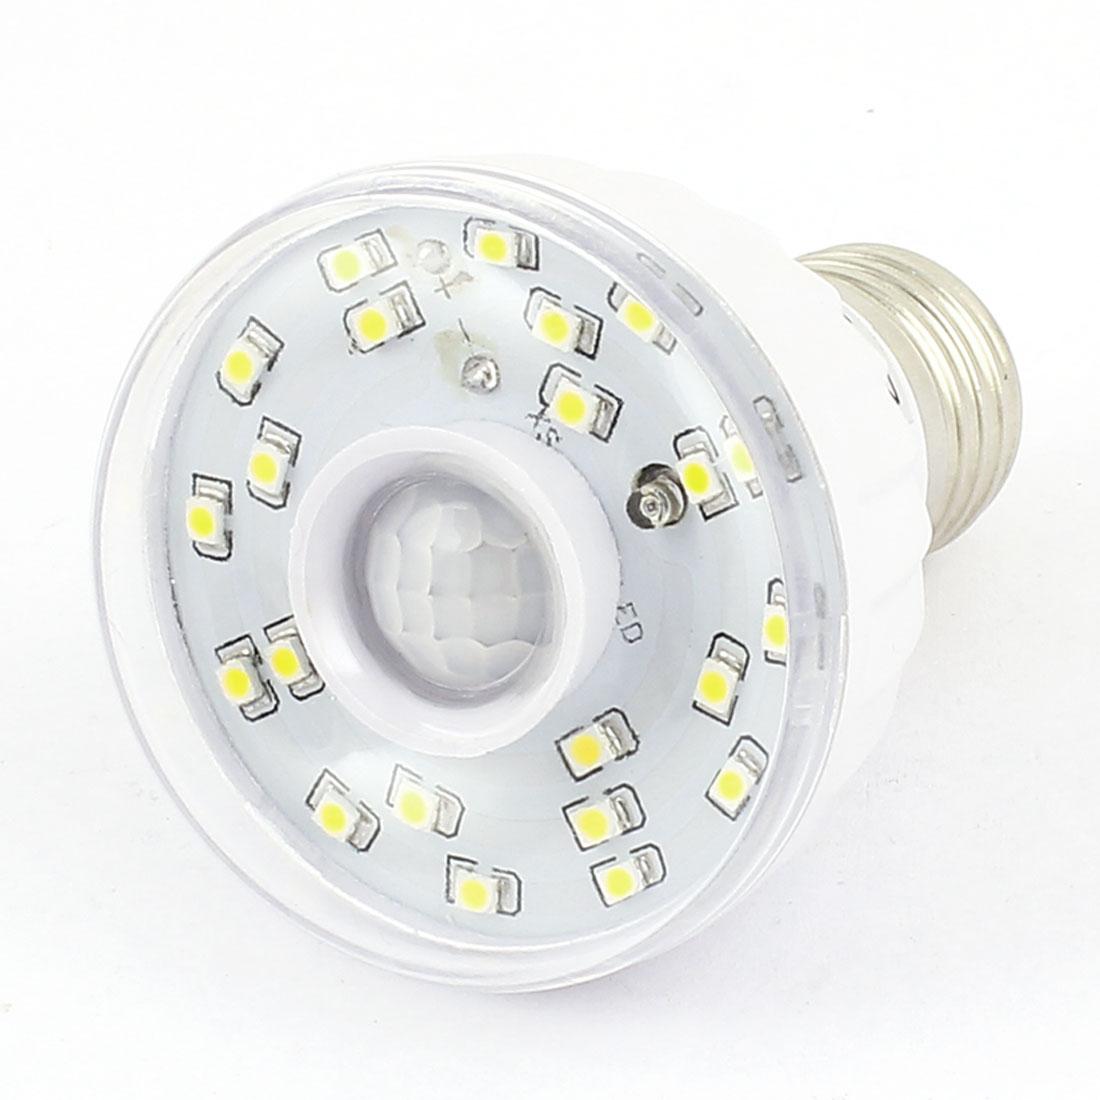 AC 220-240V 3W E26 Sound Light Controlling LED PIR Motion Sensor Light